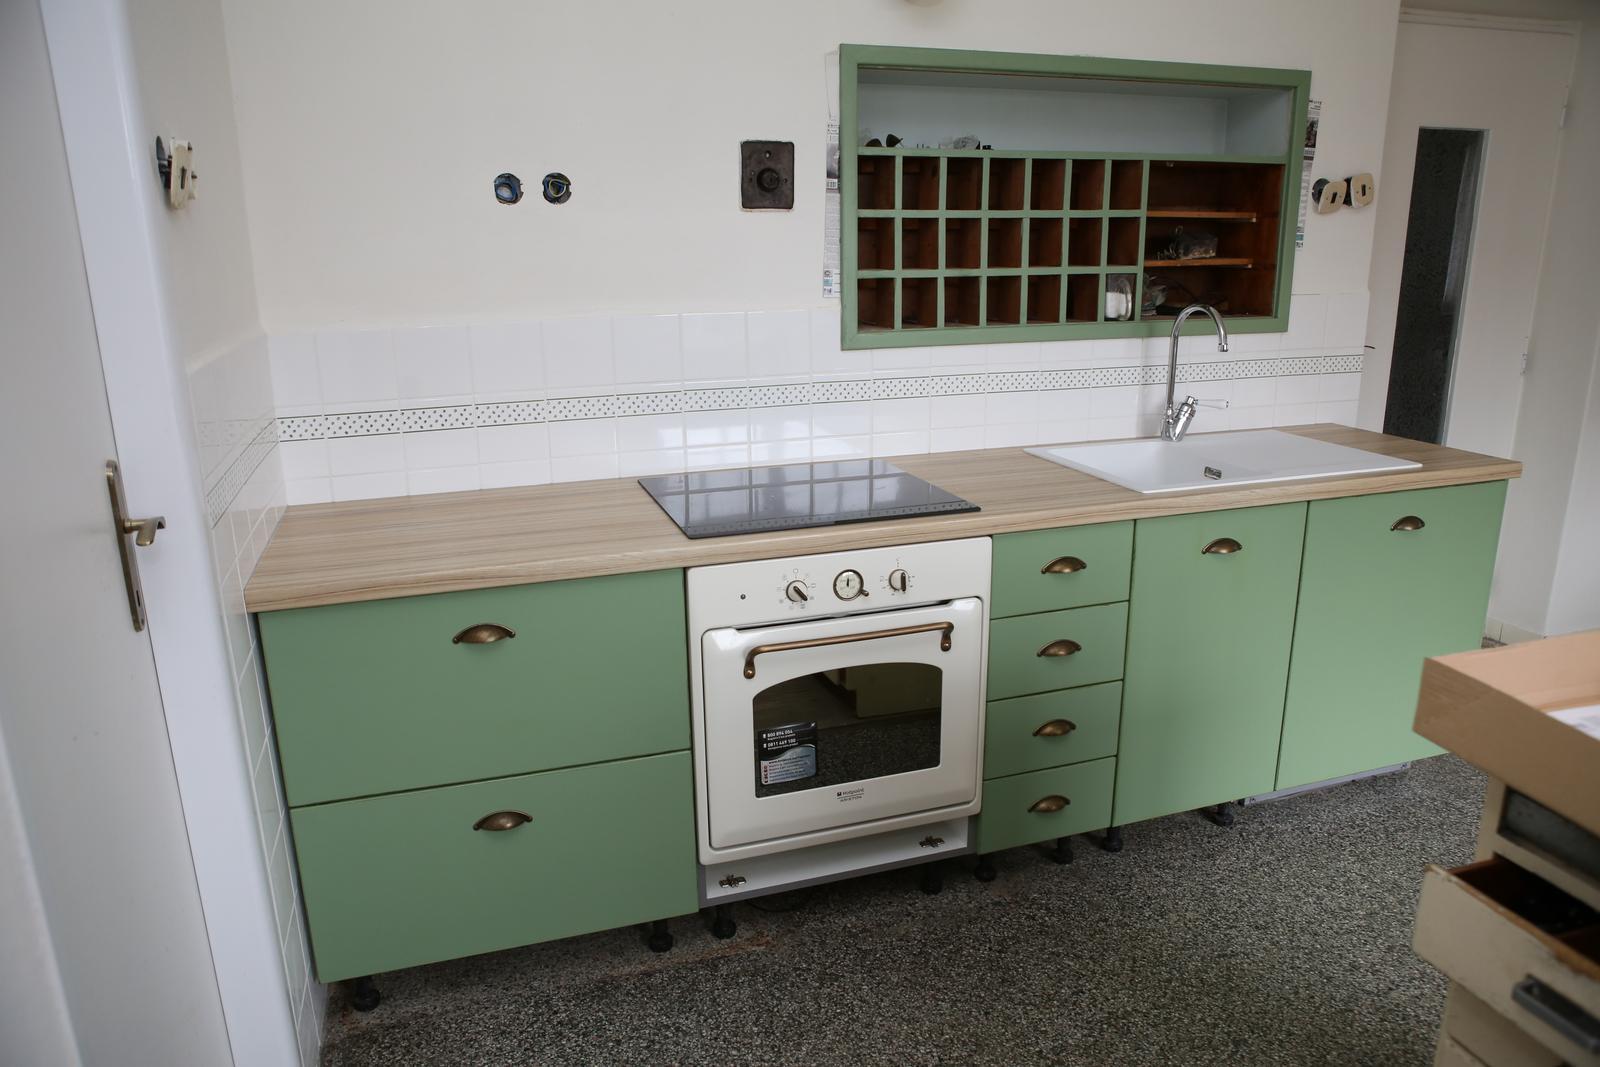 Modernizujeme kuchyňku - počkám až doschne silikon a jdu uklízet